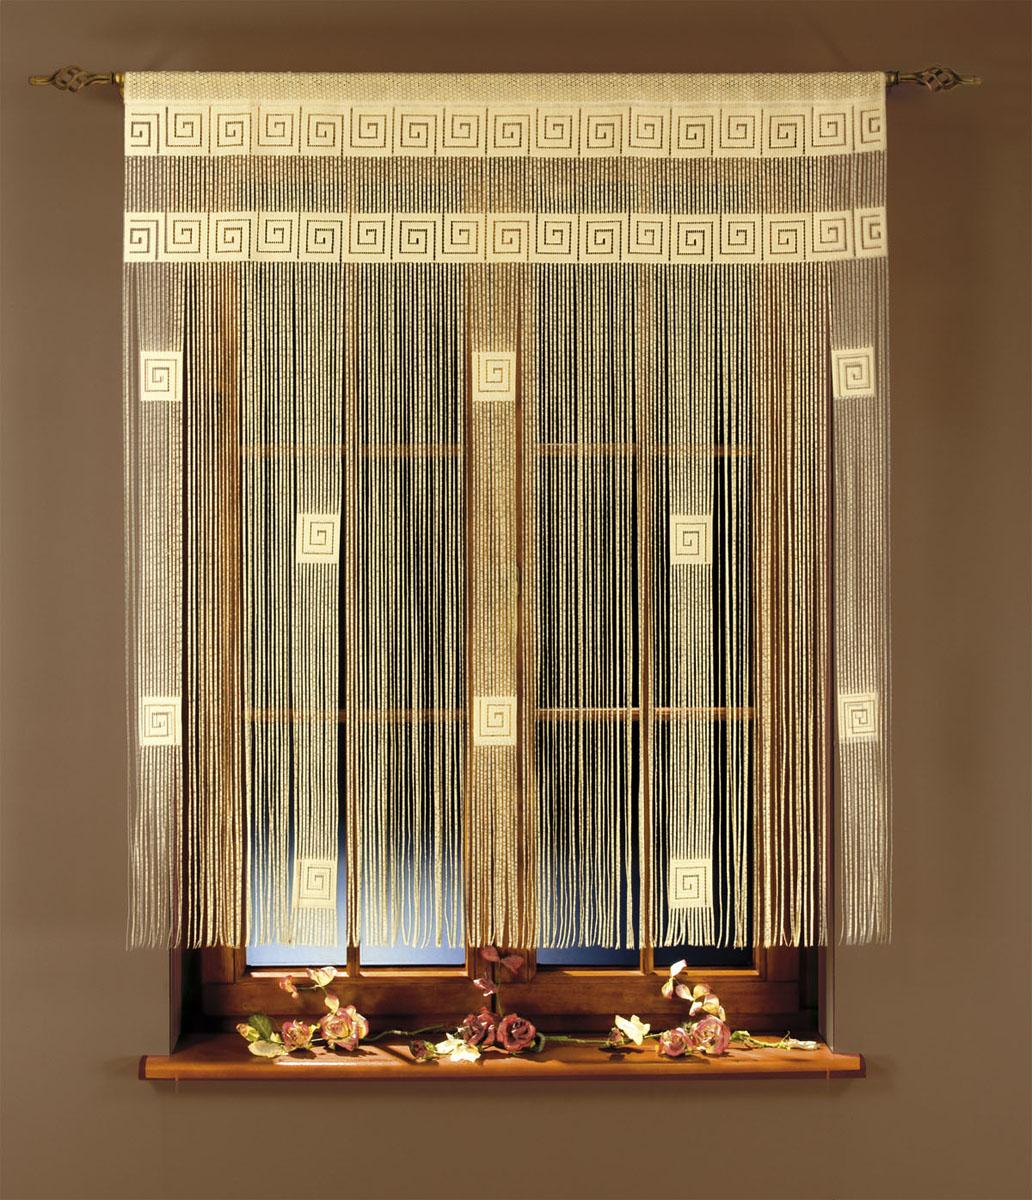 Гардина-лапша Ira, на кулиске, цвет: кремовый, высота 160 см663354Гардина-лапша Ira, изготовленная из полиэстера кремового цвета, станет великолепным украшением окна, дверного проема и прекрасно послужит для разграничения пространства. Необычный дизайн и яркое оформление привлекут внимание и органично впишутся в интерьер.Гардина-лапша оснащена кулиской для крепления на круглый карниз. Характеристики:Материал: 100% полиэстер. Цвет: кремовый. Высота кулиски: 6 см. Размер упаковки:27 см х 38 см х 6 см. Артикул: 663354. В комплект входит: Гардина-лапша - 1 шт. Размер (ШхВ): 270 см х 160 см. Фирма Wisan на польском рынке существует уже более пятидесяти лет и является одной из лучших польских фабрик по производству штор и тканей. Ассортимент фирмы представлен готовыми комплектами штор для гостиной, детской, кухни, а также текстилем для кухни (скатерти, салфетки, дорожки, кухонные занавески). Модельный ряд отличает оригинальный дизайн, высокое качество. Ассортимент продукции постоянно пополняется.